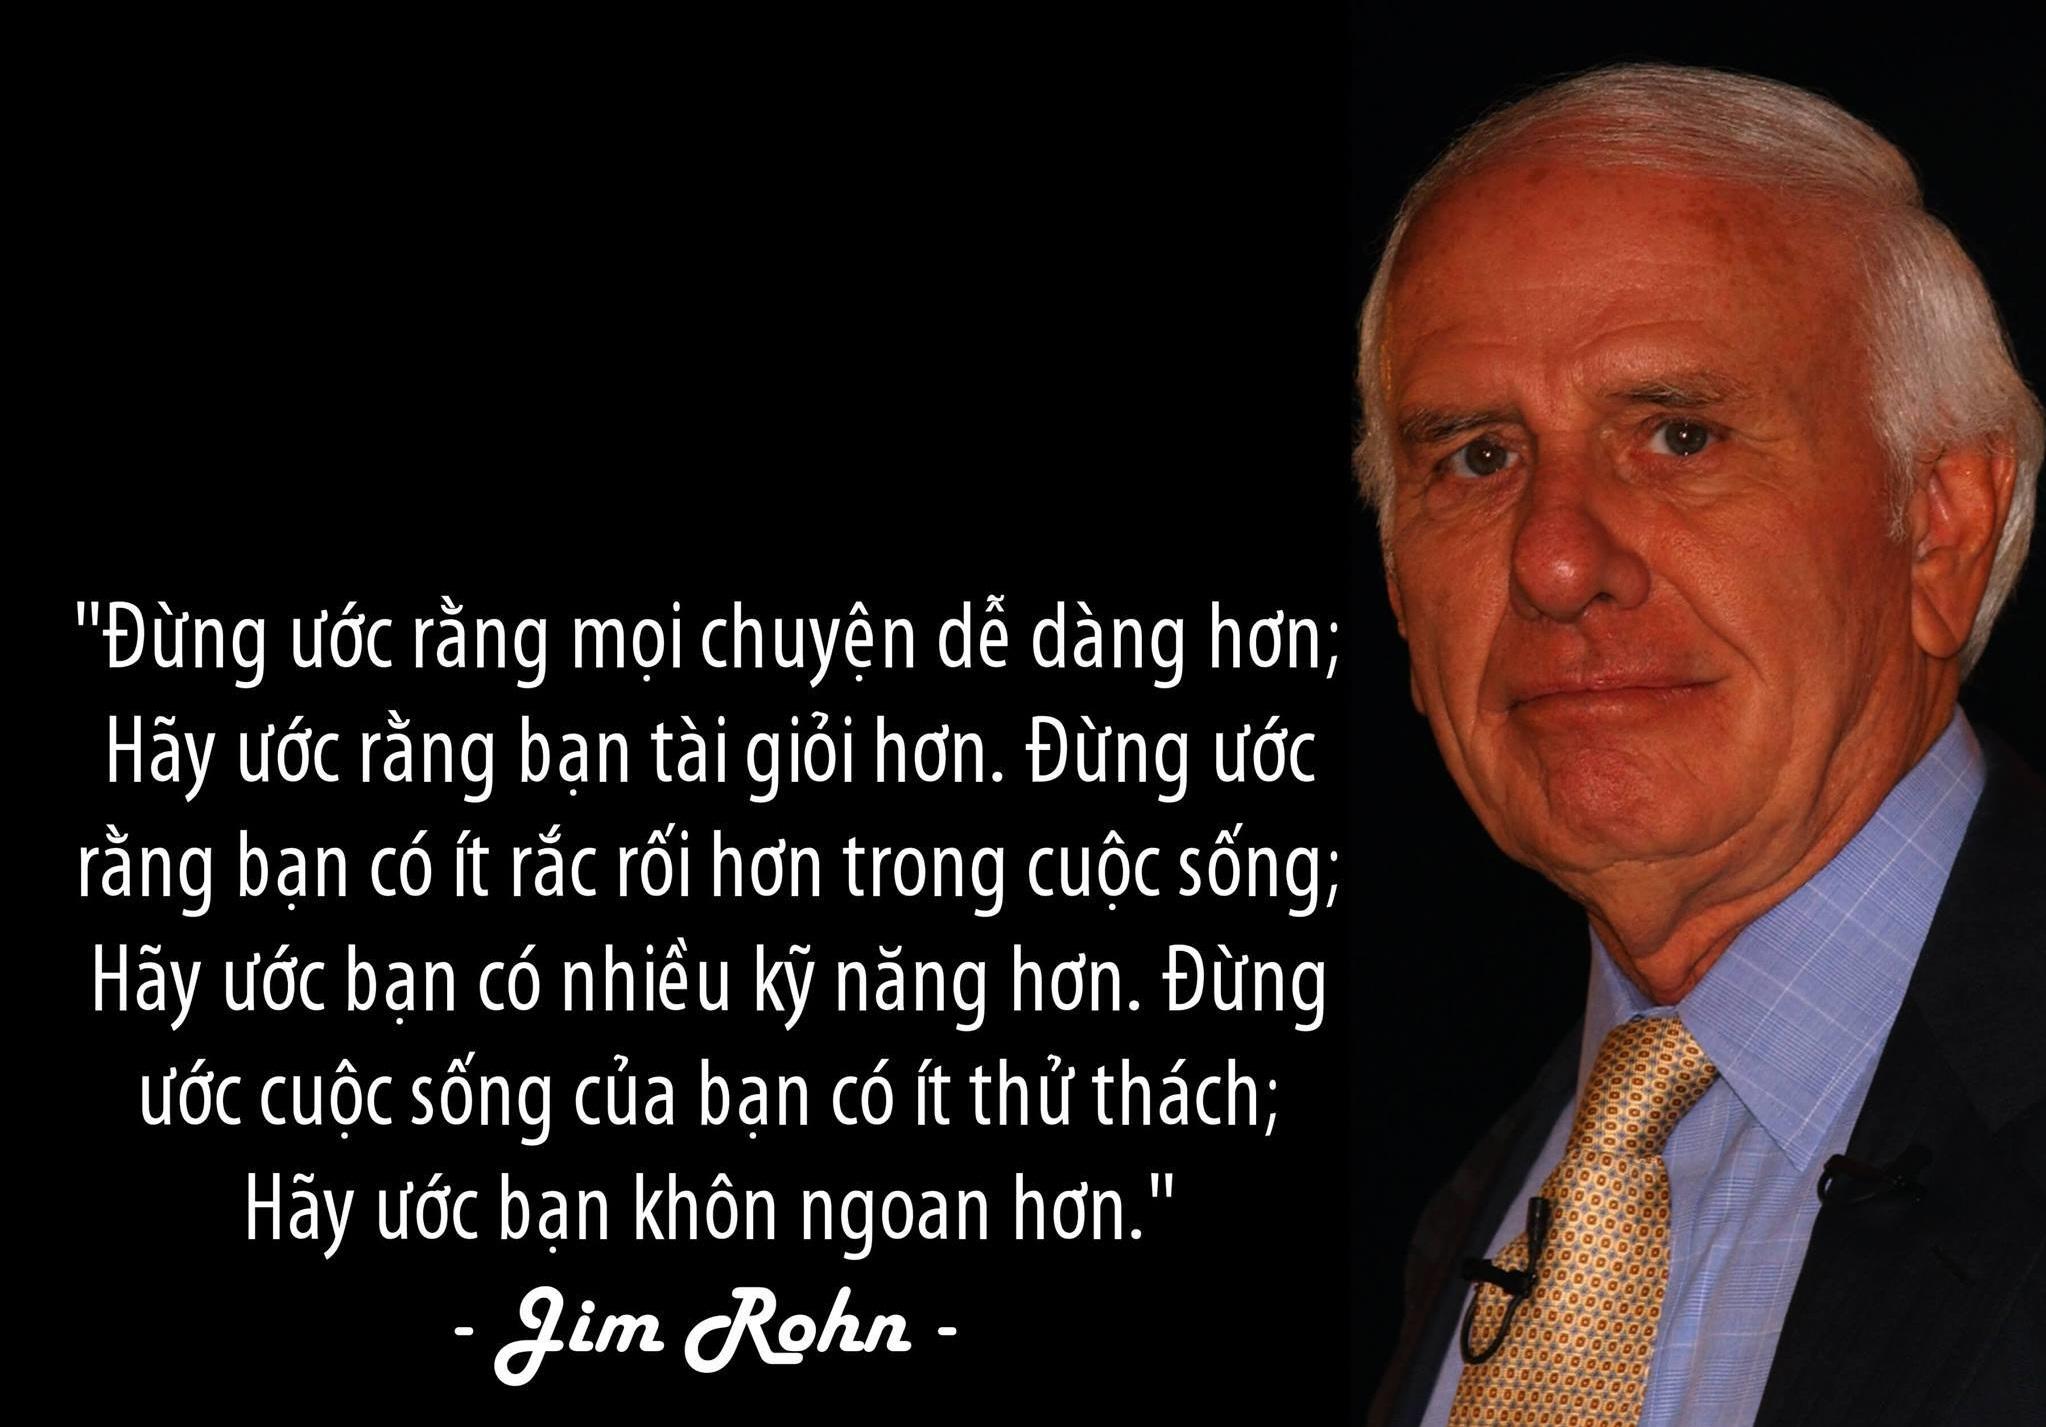 Jim Rohn là ai? Bạn cần biết gì?